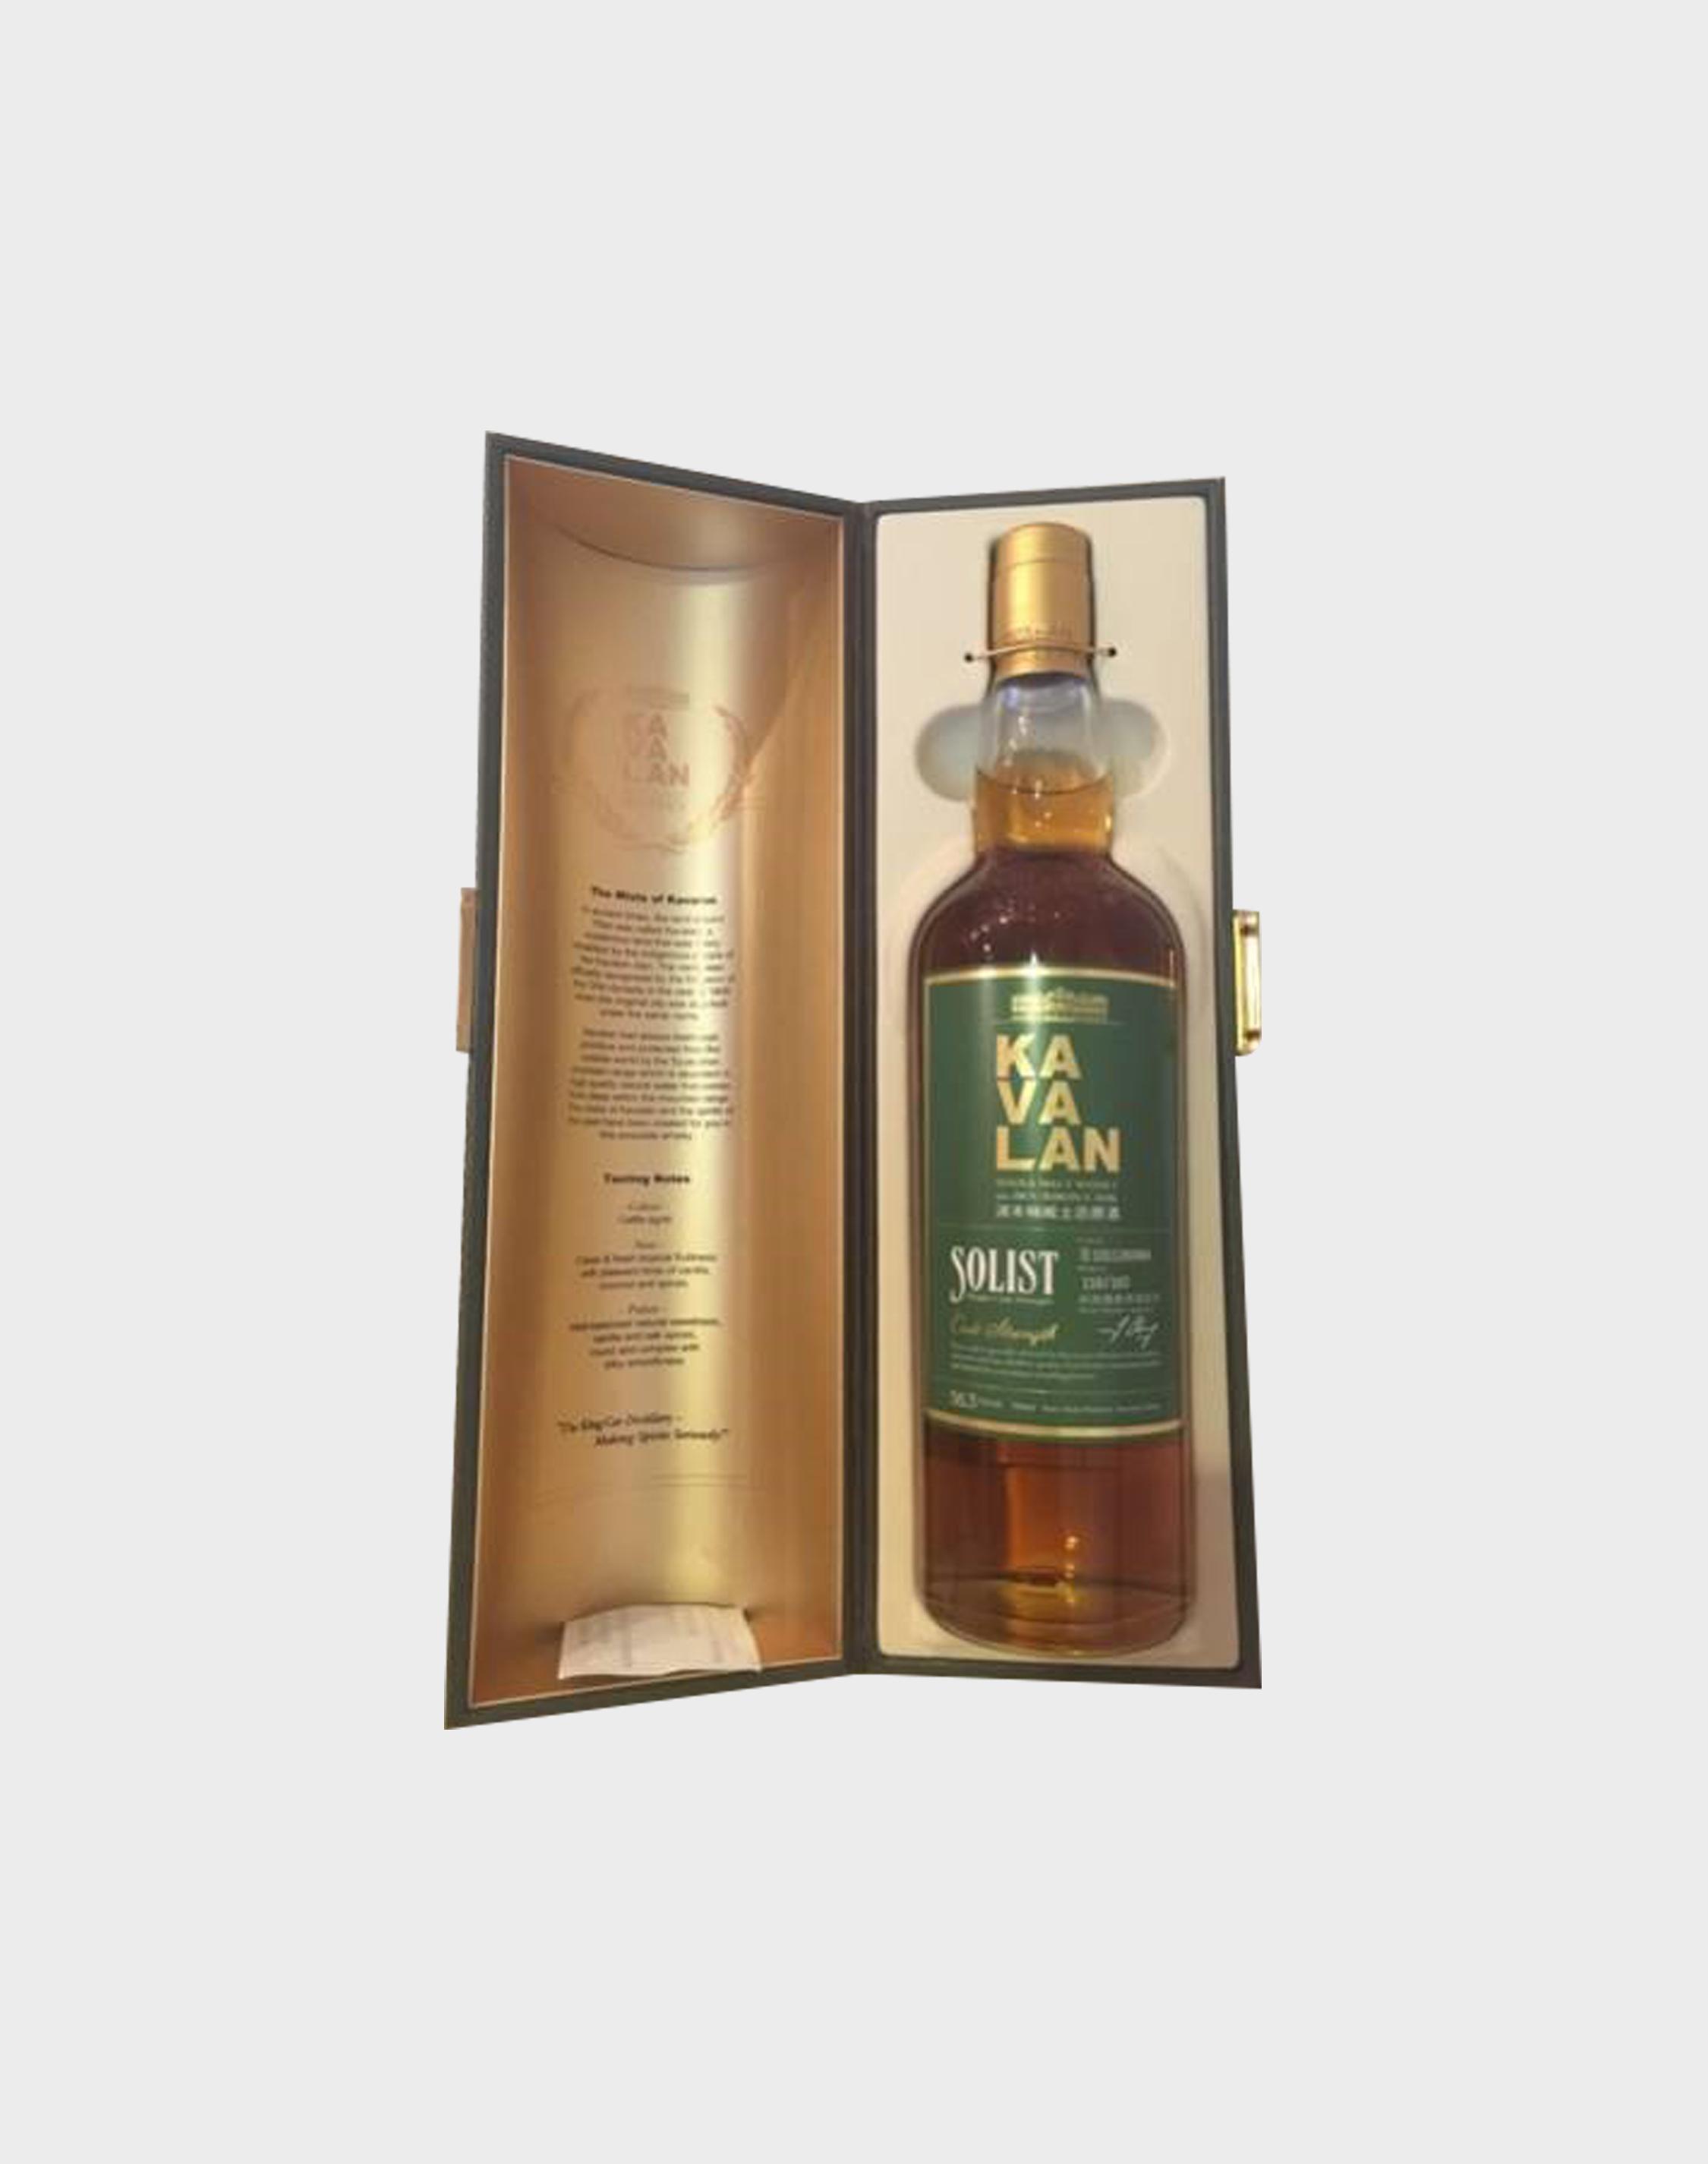 Kavalan-solist-cask-strength-the-world-best-whisky-2015-A